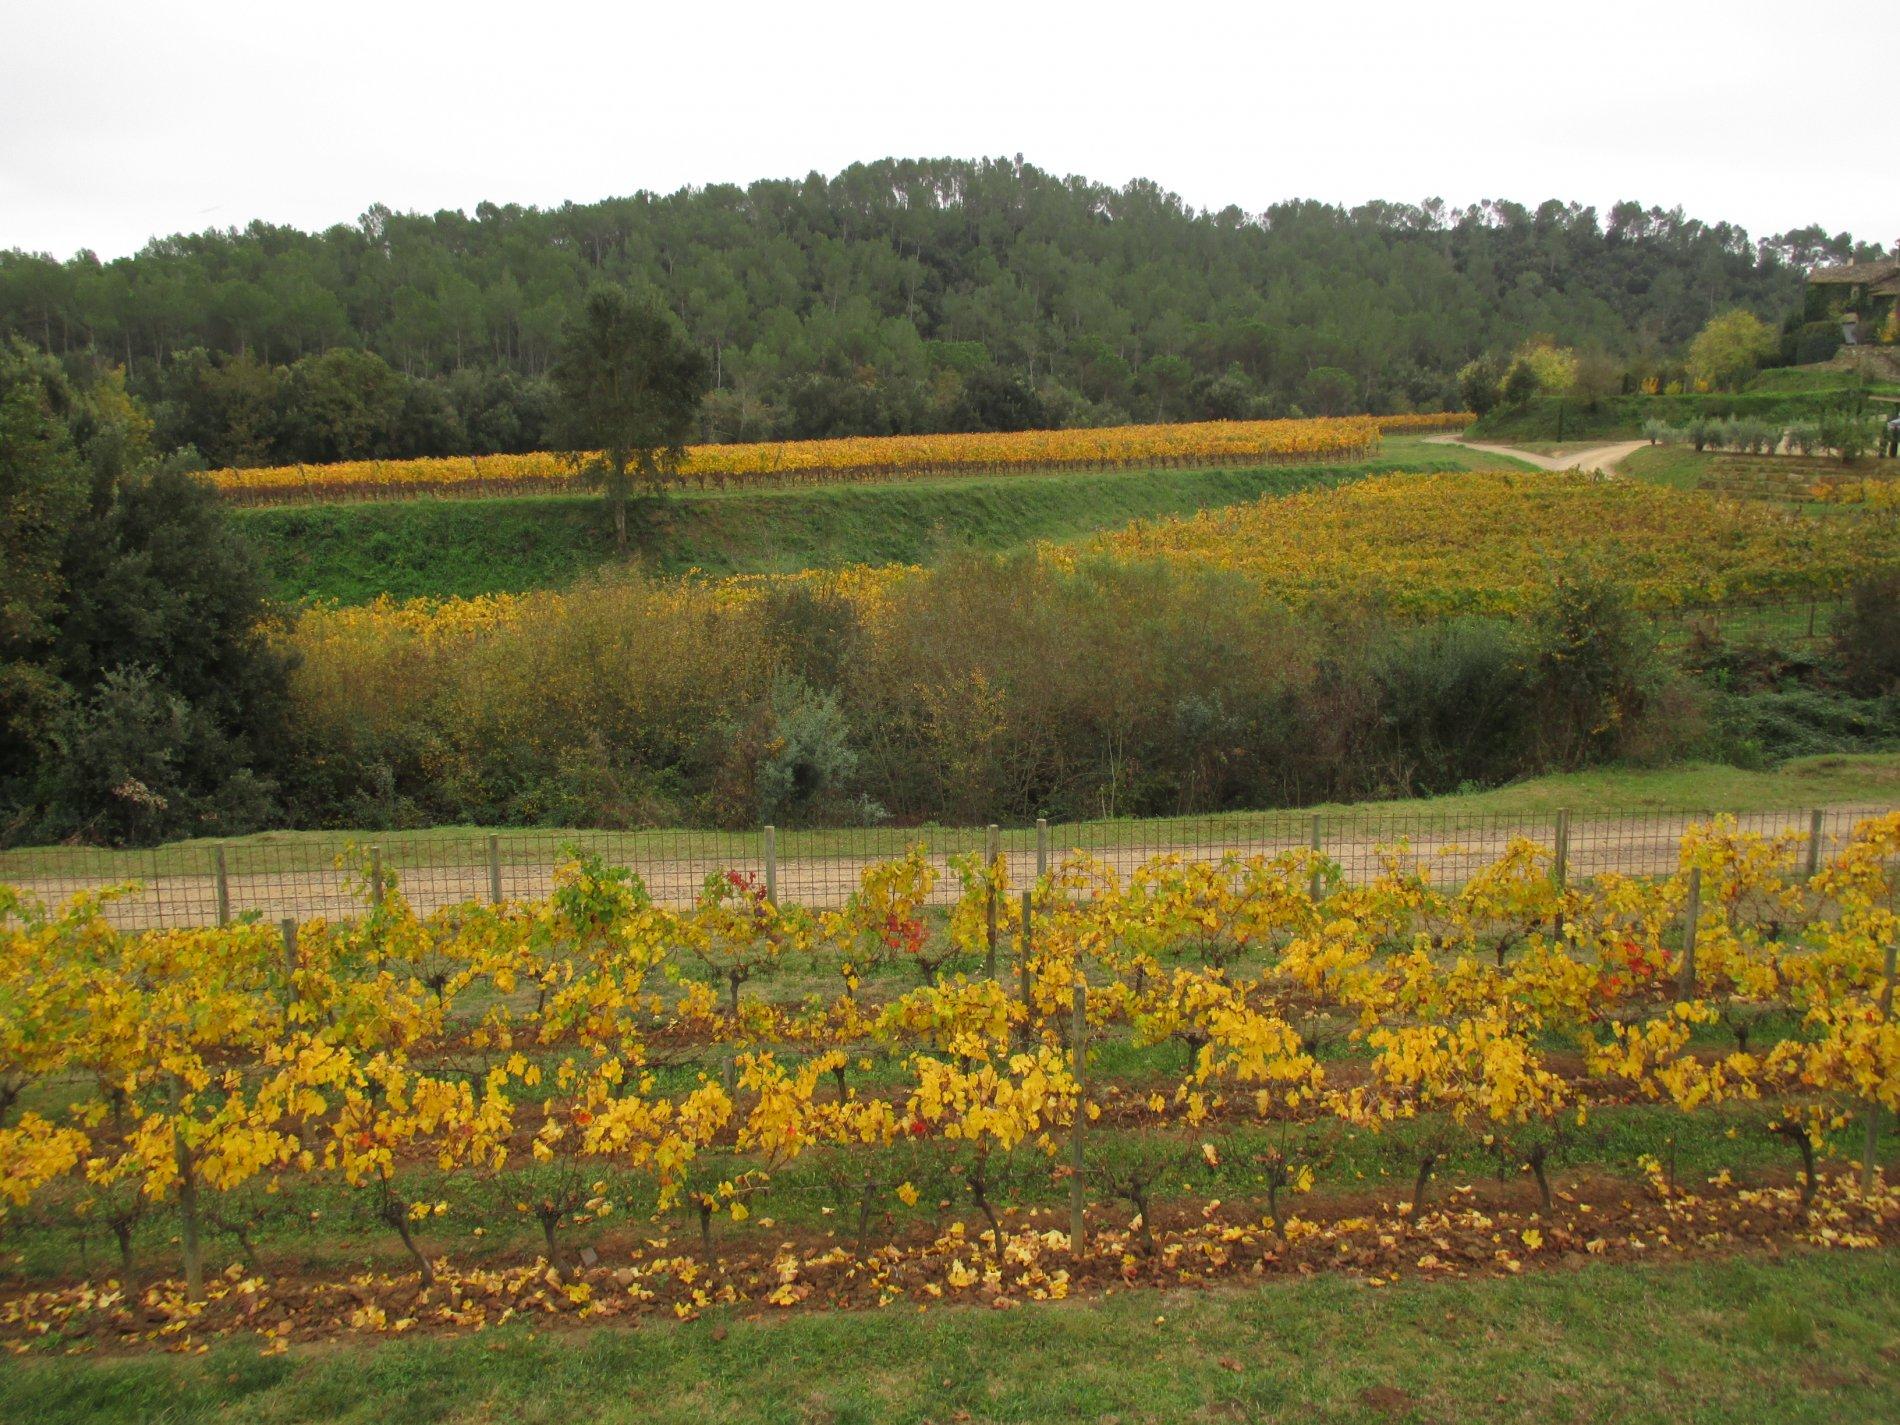 Els colors de tardor de la vinya contrastant amb els verds del bosc de fulla perenne. Paisatge de colors a Sant Martí Vell